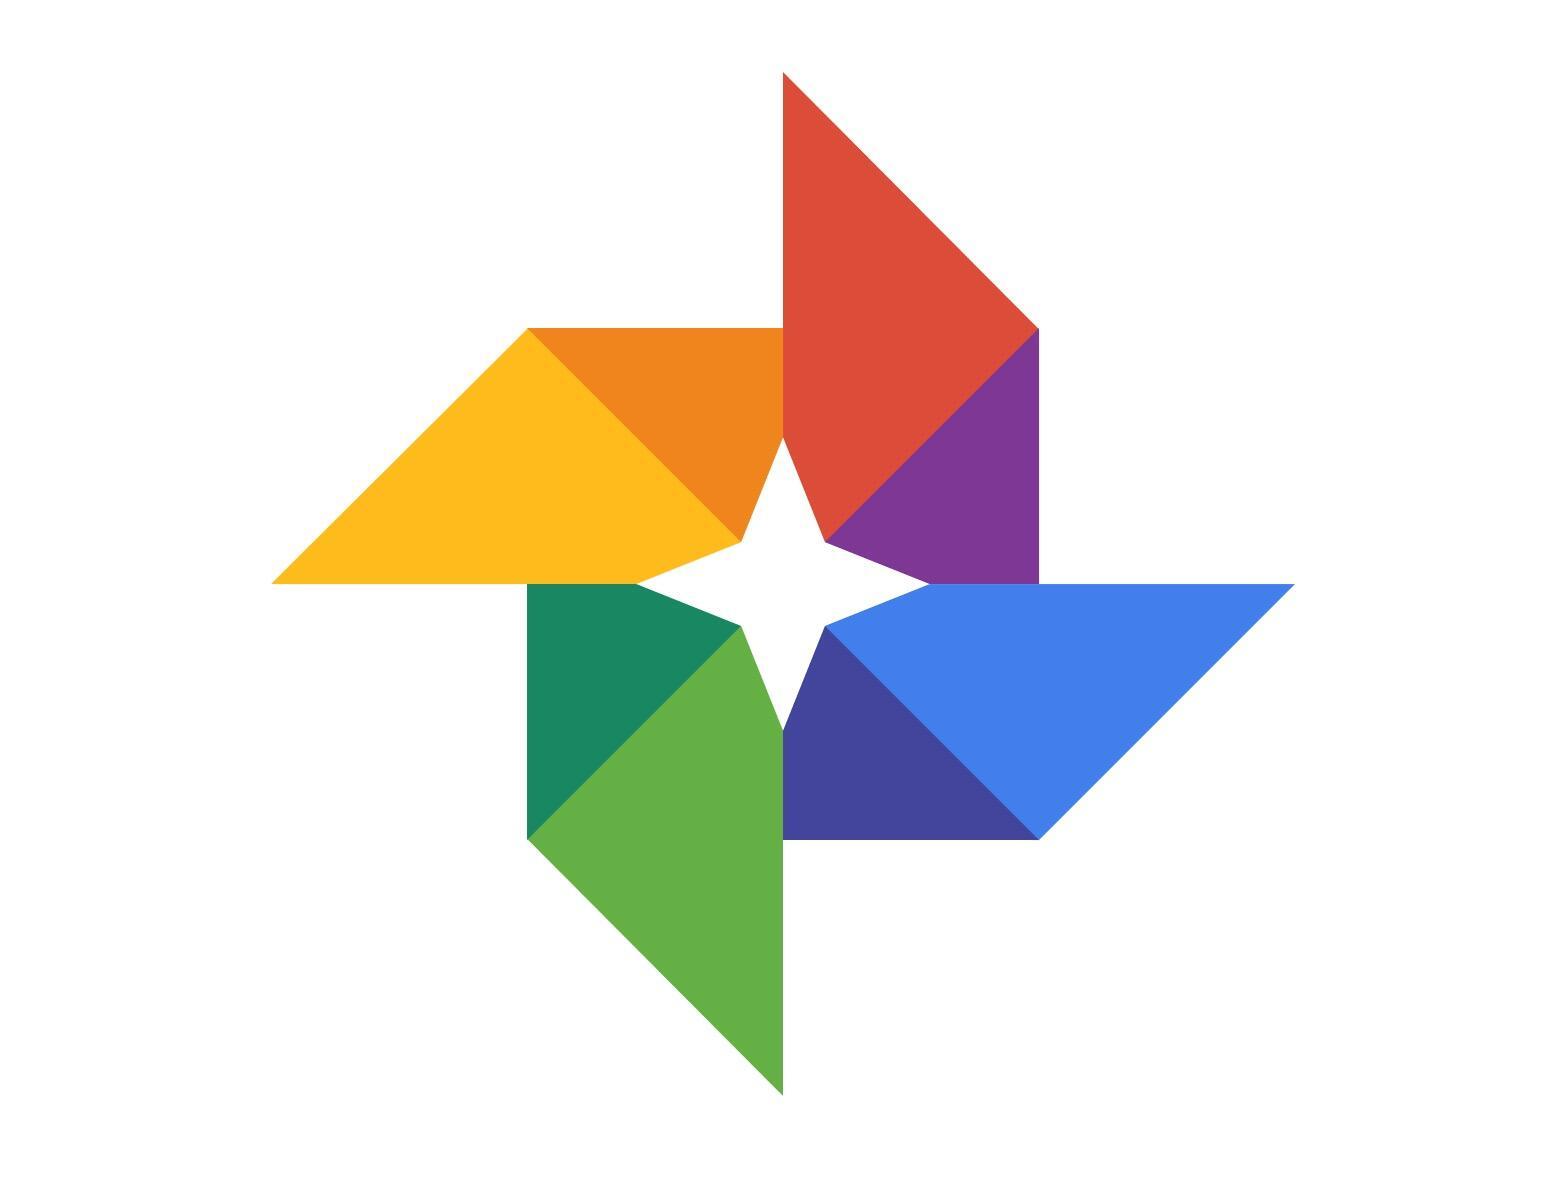 Android Fotos Google photos web